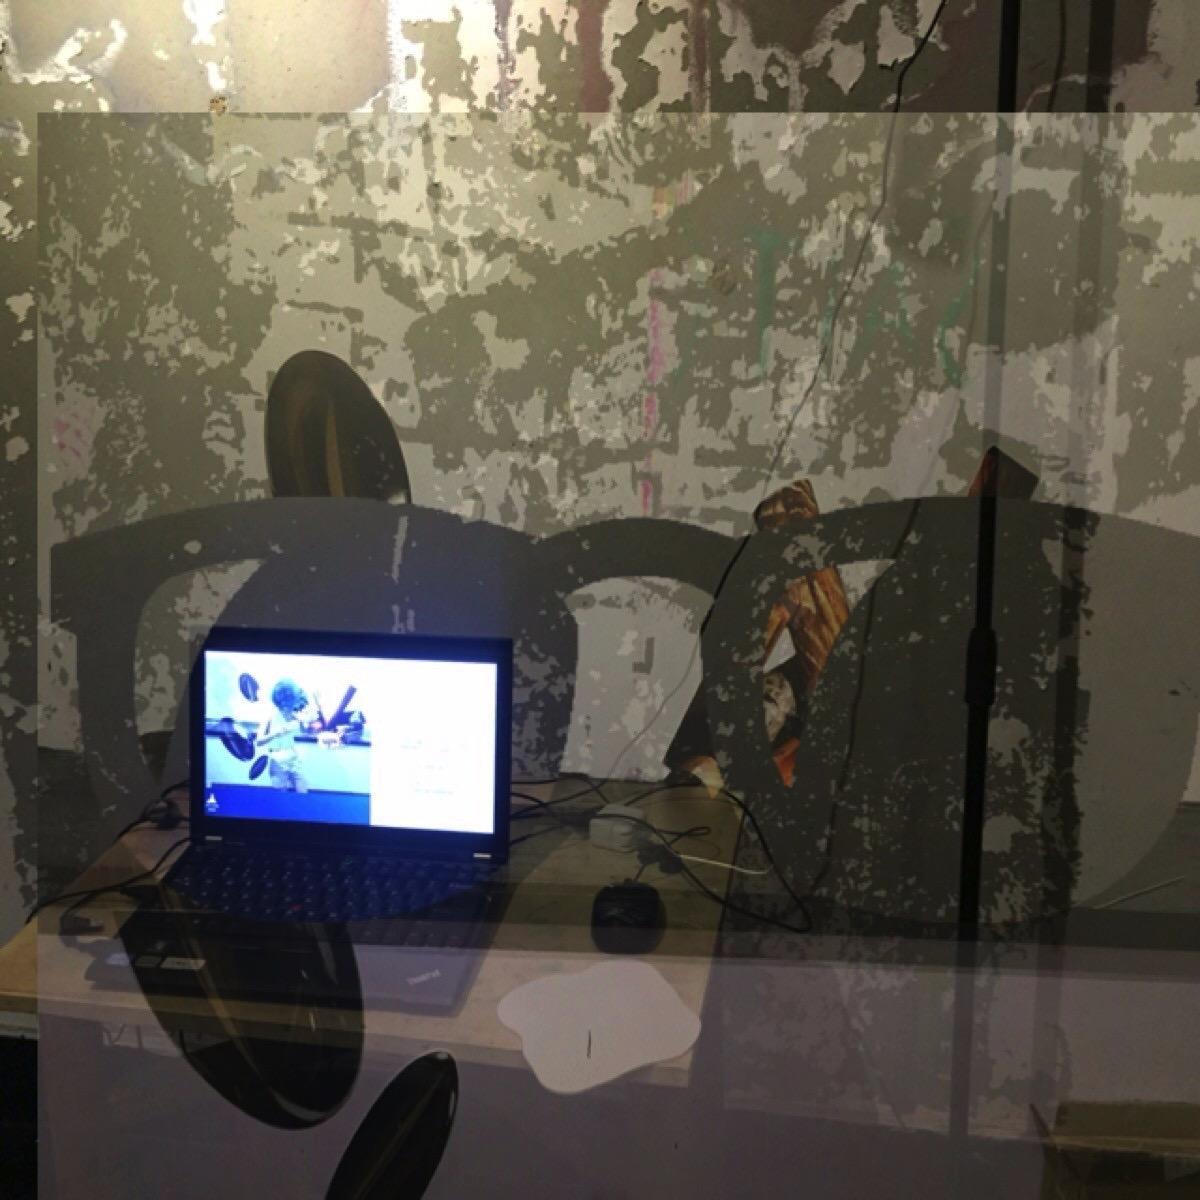 """景观房间   是一个被设计过的网络直播空间。被奇怪拉伸的低像素图案,布满的二维码只为在网络画面中呈现""""正确""""的影像来制造某种奇观。     Room of spectacle  is a live webcam space filled with low-res images and QR codes in order to present the """"proper"""" imagefor the webcam to produce some sort of spectacle."""